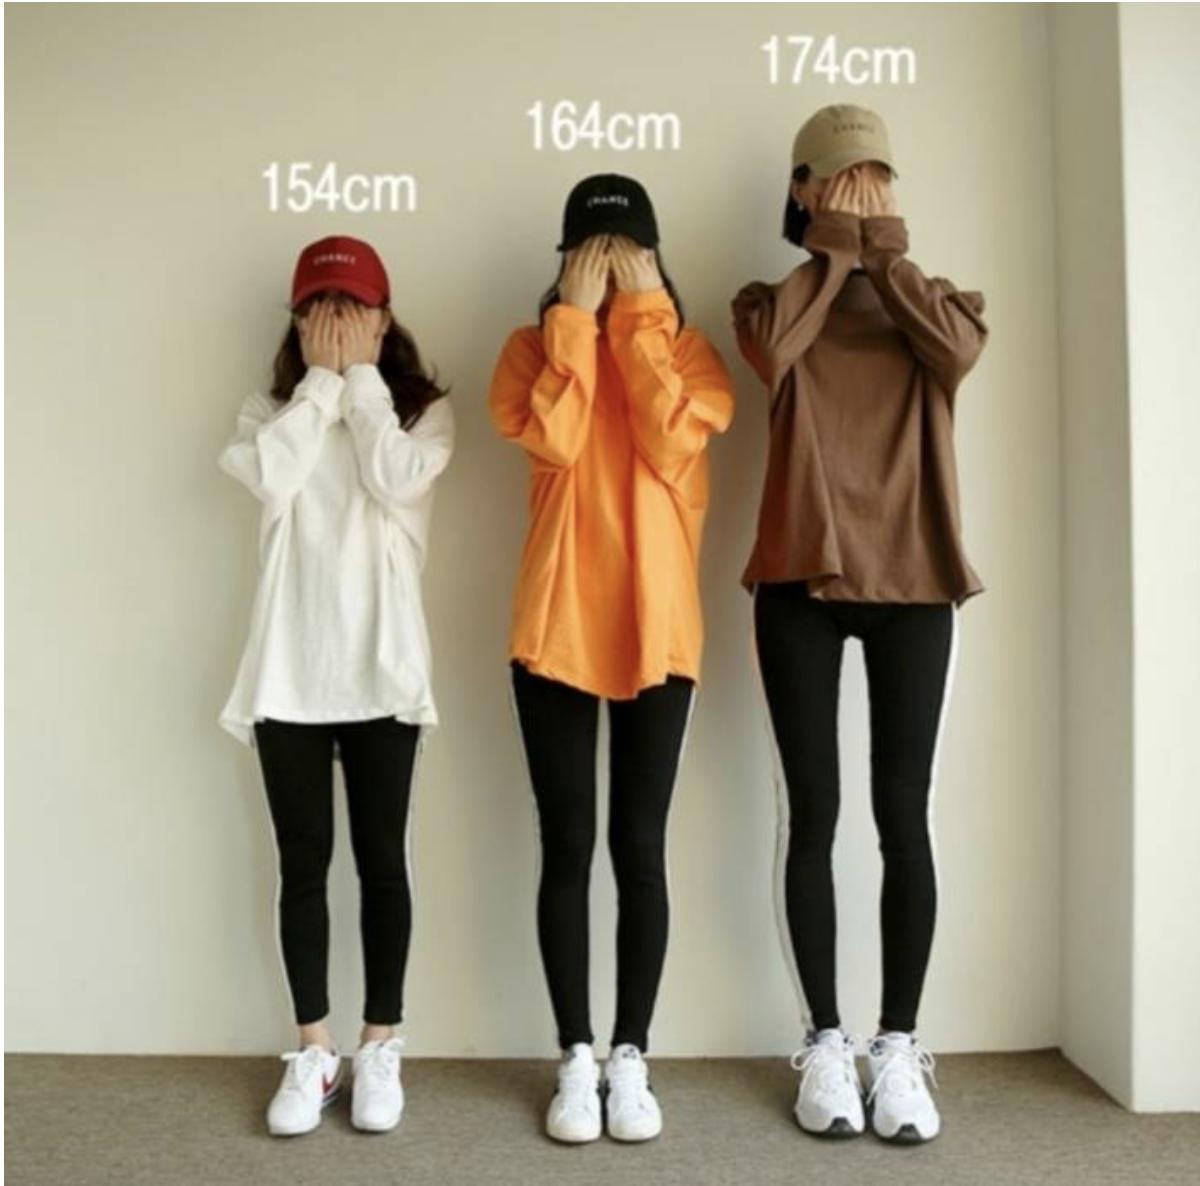 K Pop K Fans Female Heights 154cm Vs 164cm Vs 174cm